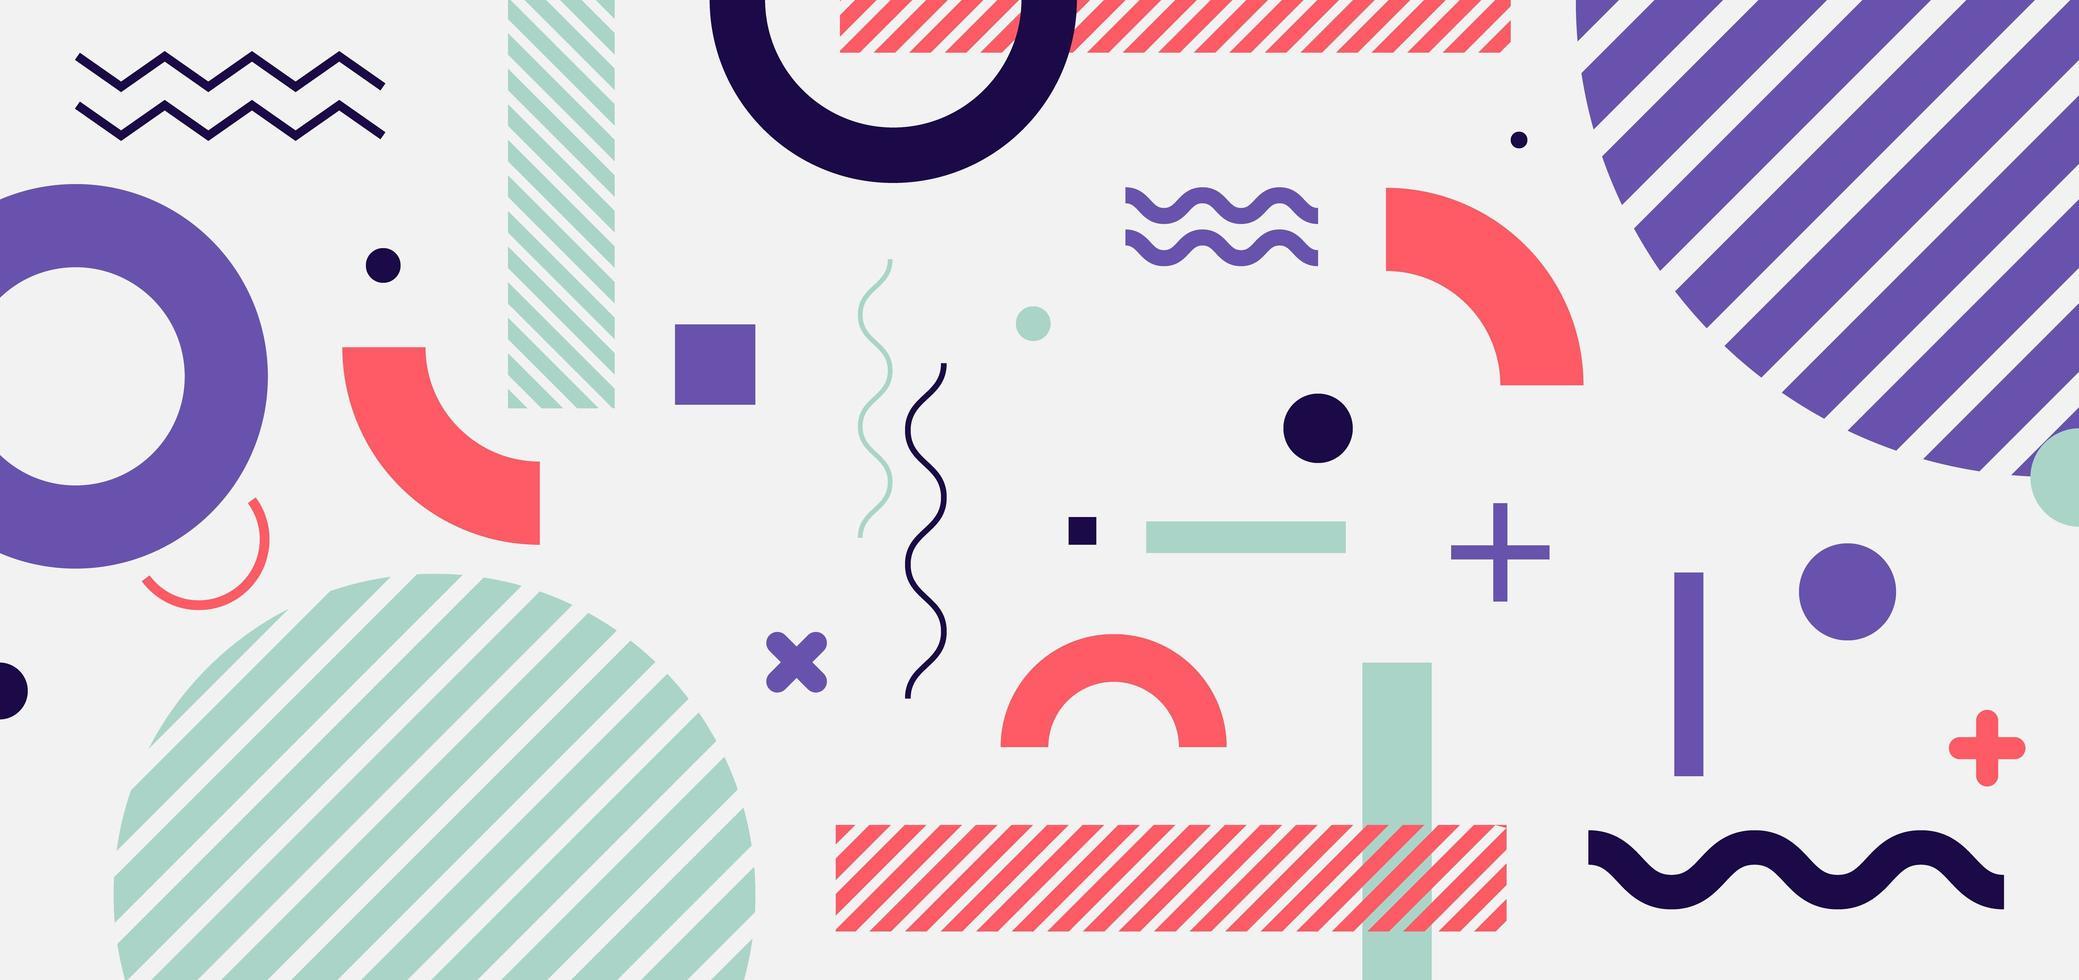 abstrakt lila, rosa, blå geometriska mönster minimal stil på vit bakgrund vektor